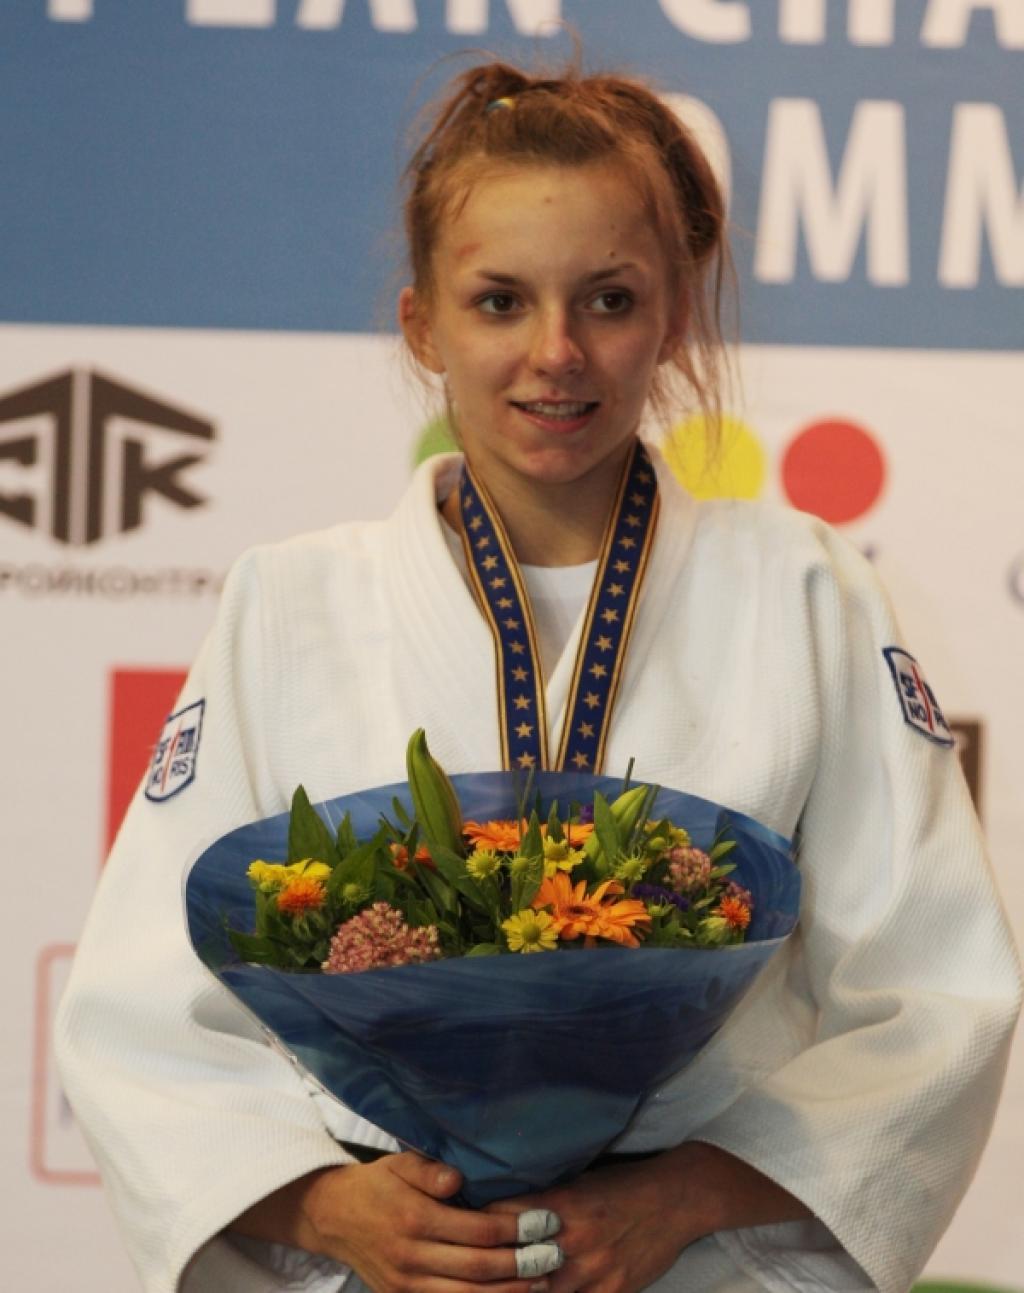 Oleksandra Starkova puts the Ukraine into front countries